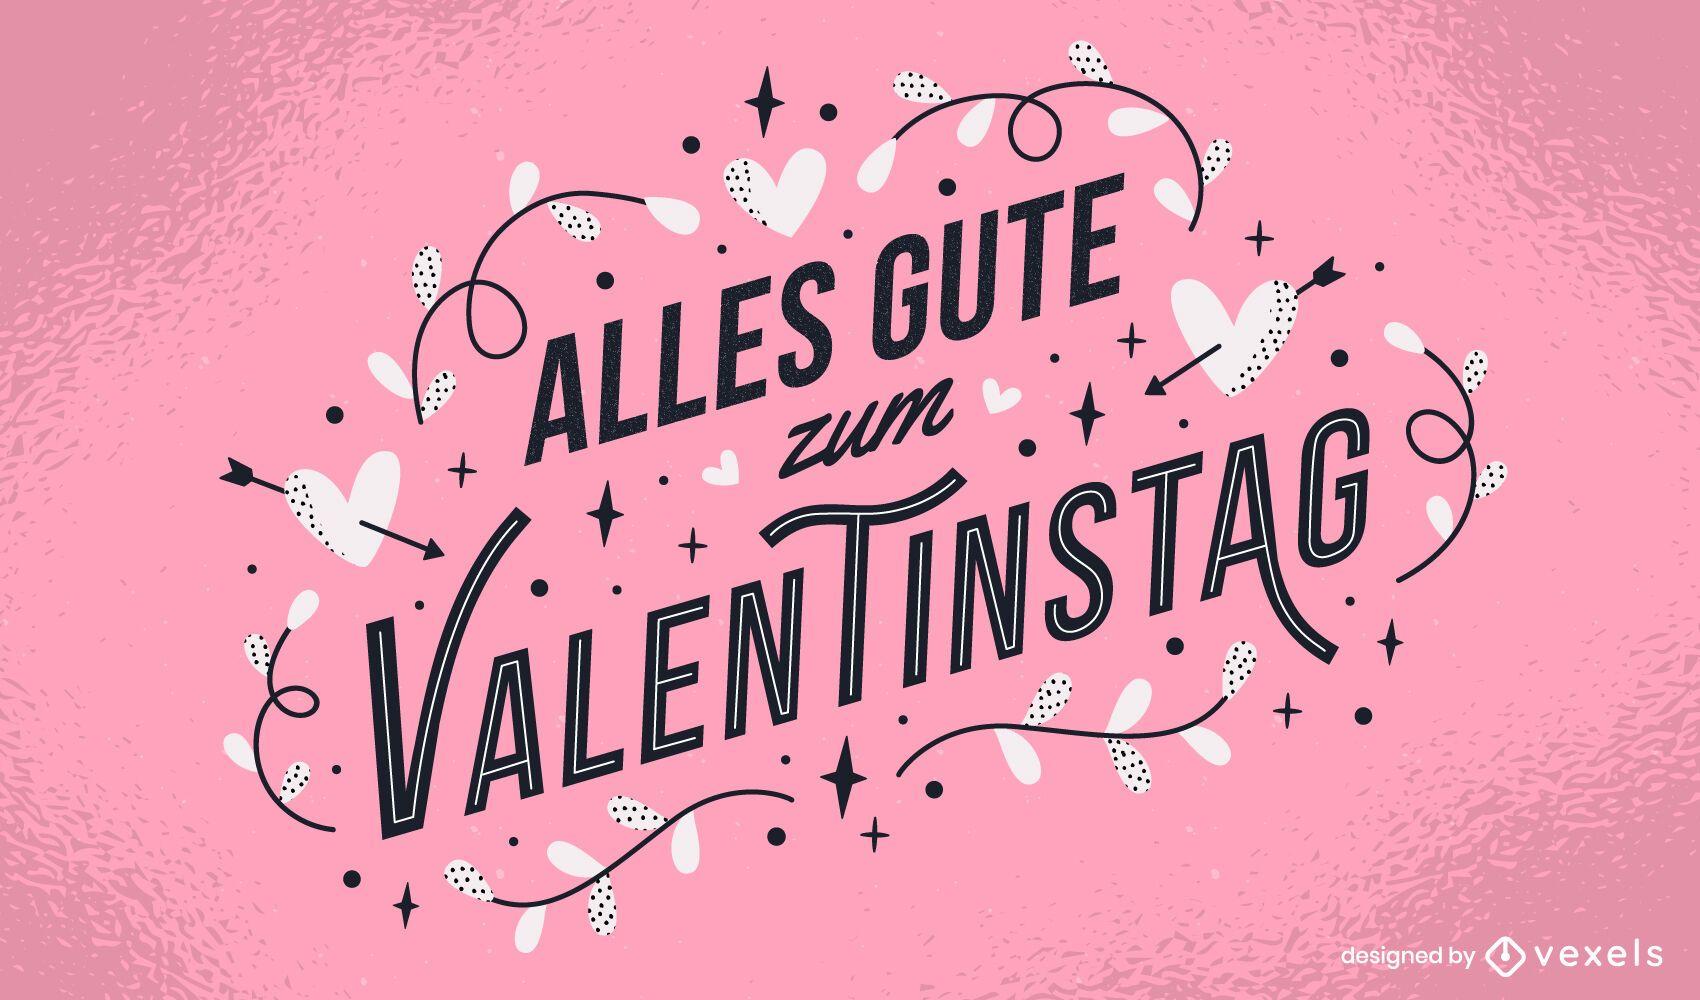 Dise?o de letras alemanas valentinstag